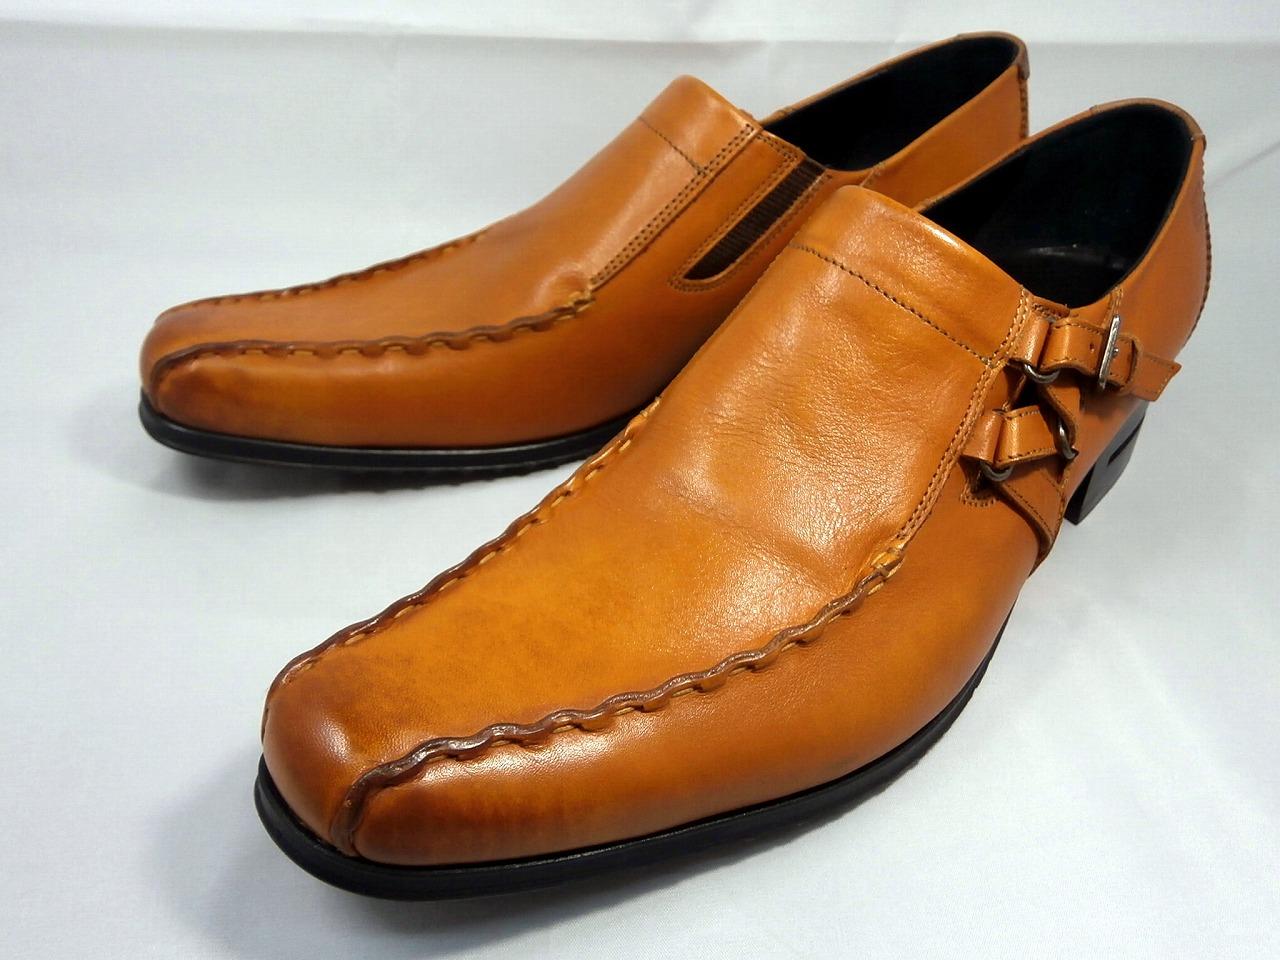 【17年秋モデル】 キャサリンハムネット 靴ビジネスシューズキップ革サイドベルトスワールモカ 31554(ブラウン) KATHARINE HAMNETT メンズ 紳士靴